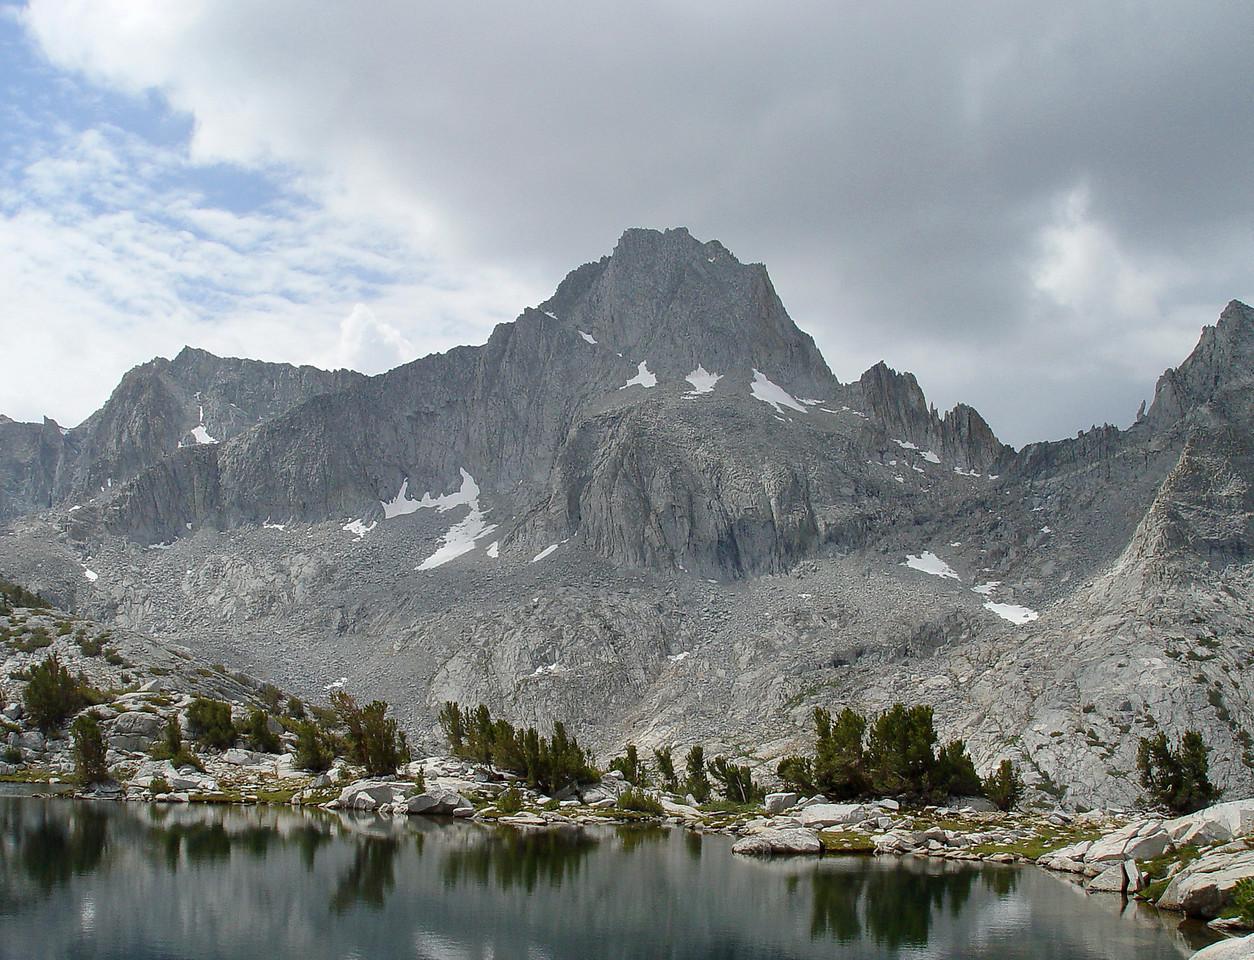 Mt. Gardiner